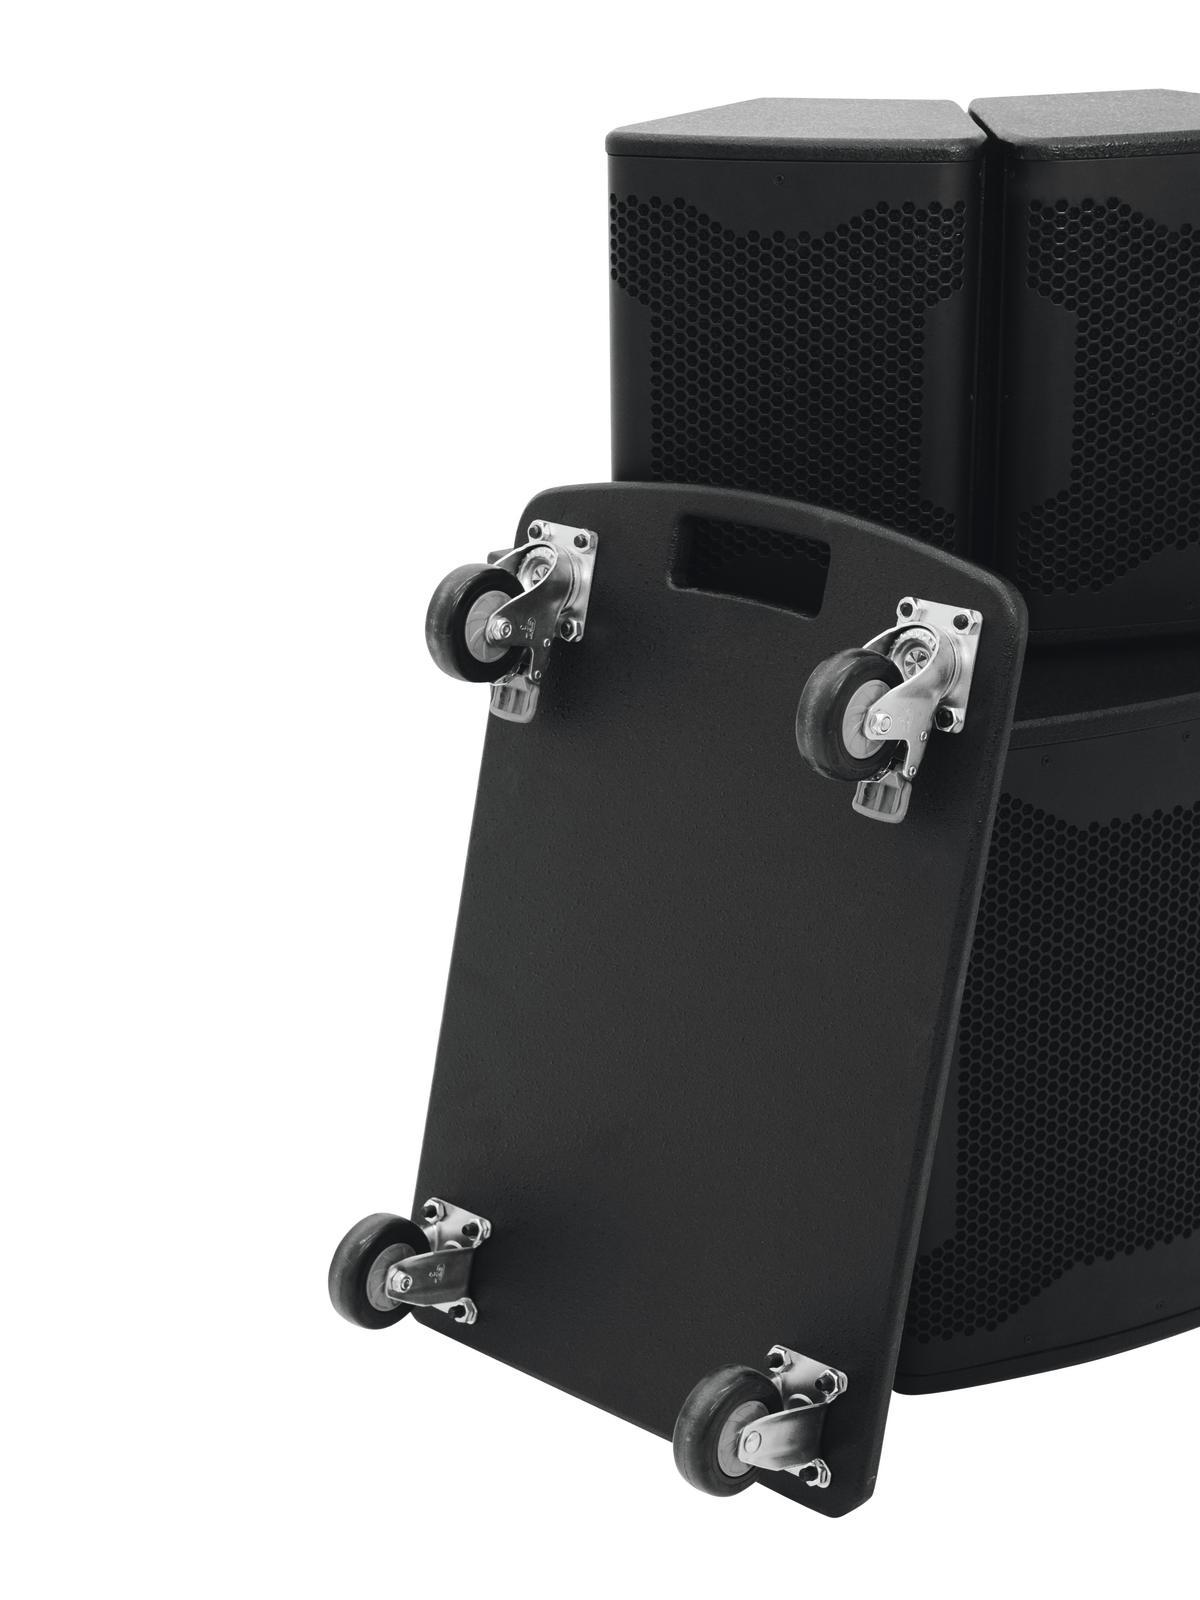 OMNITRONIC Rollbrett für AS-500 Aktiv-System